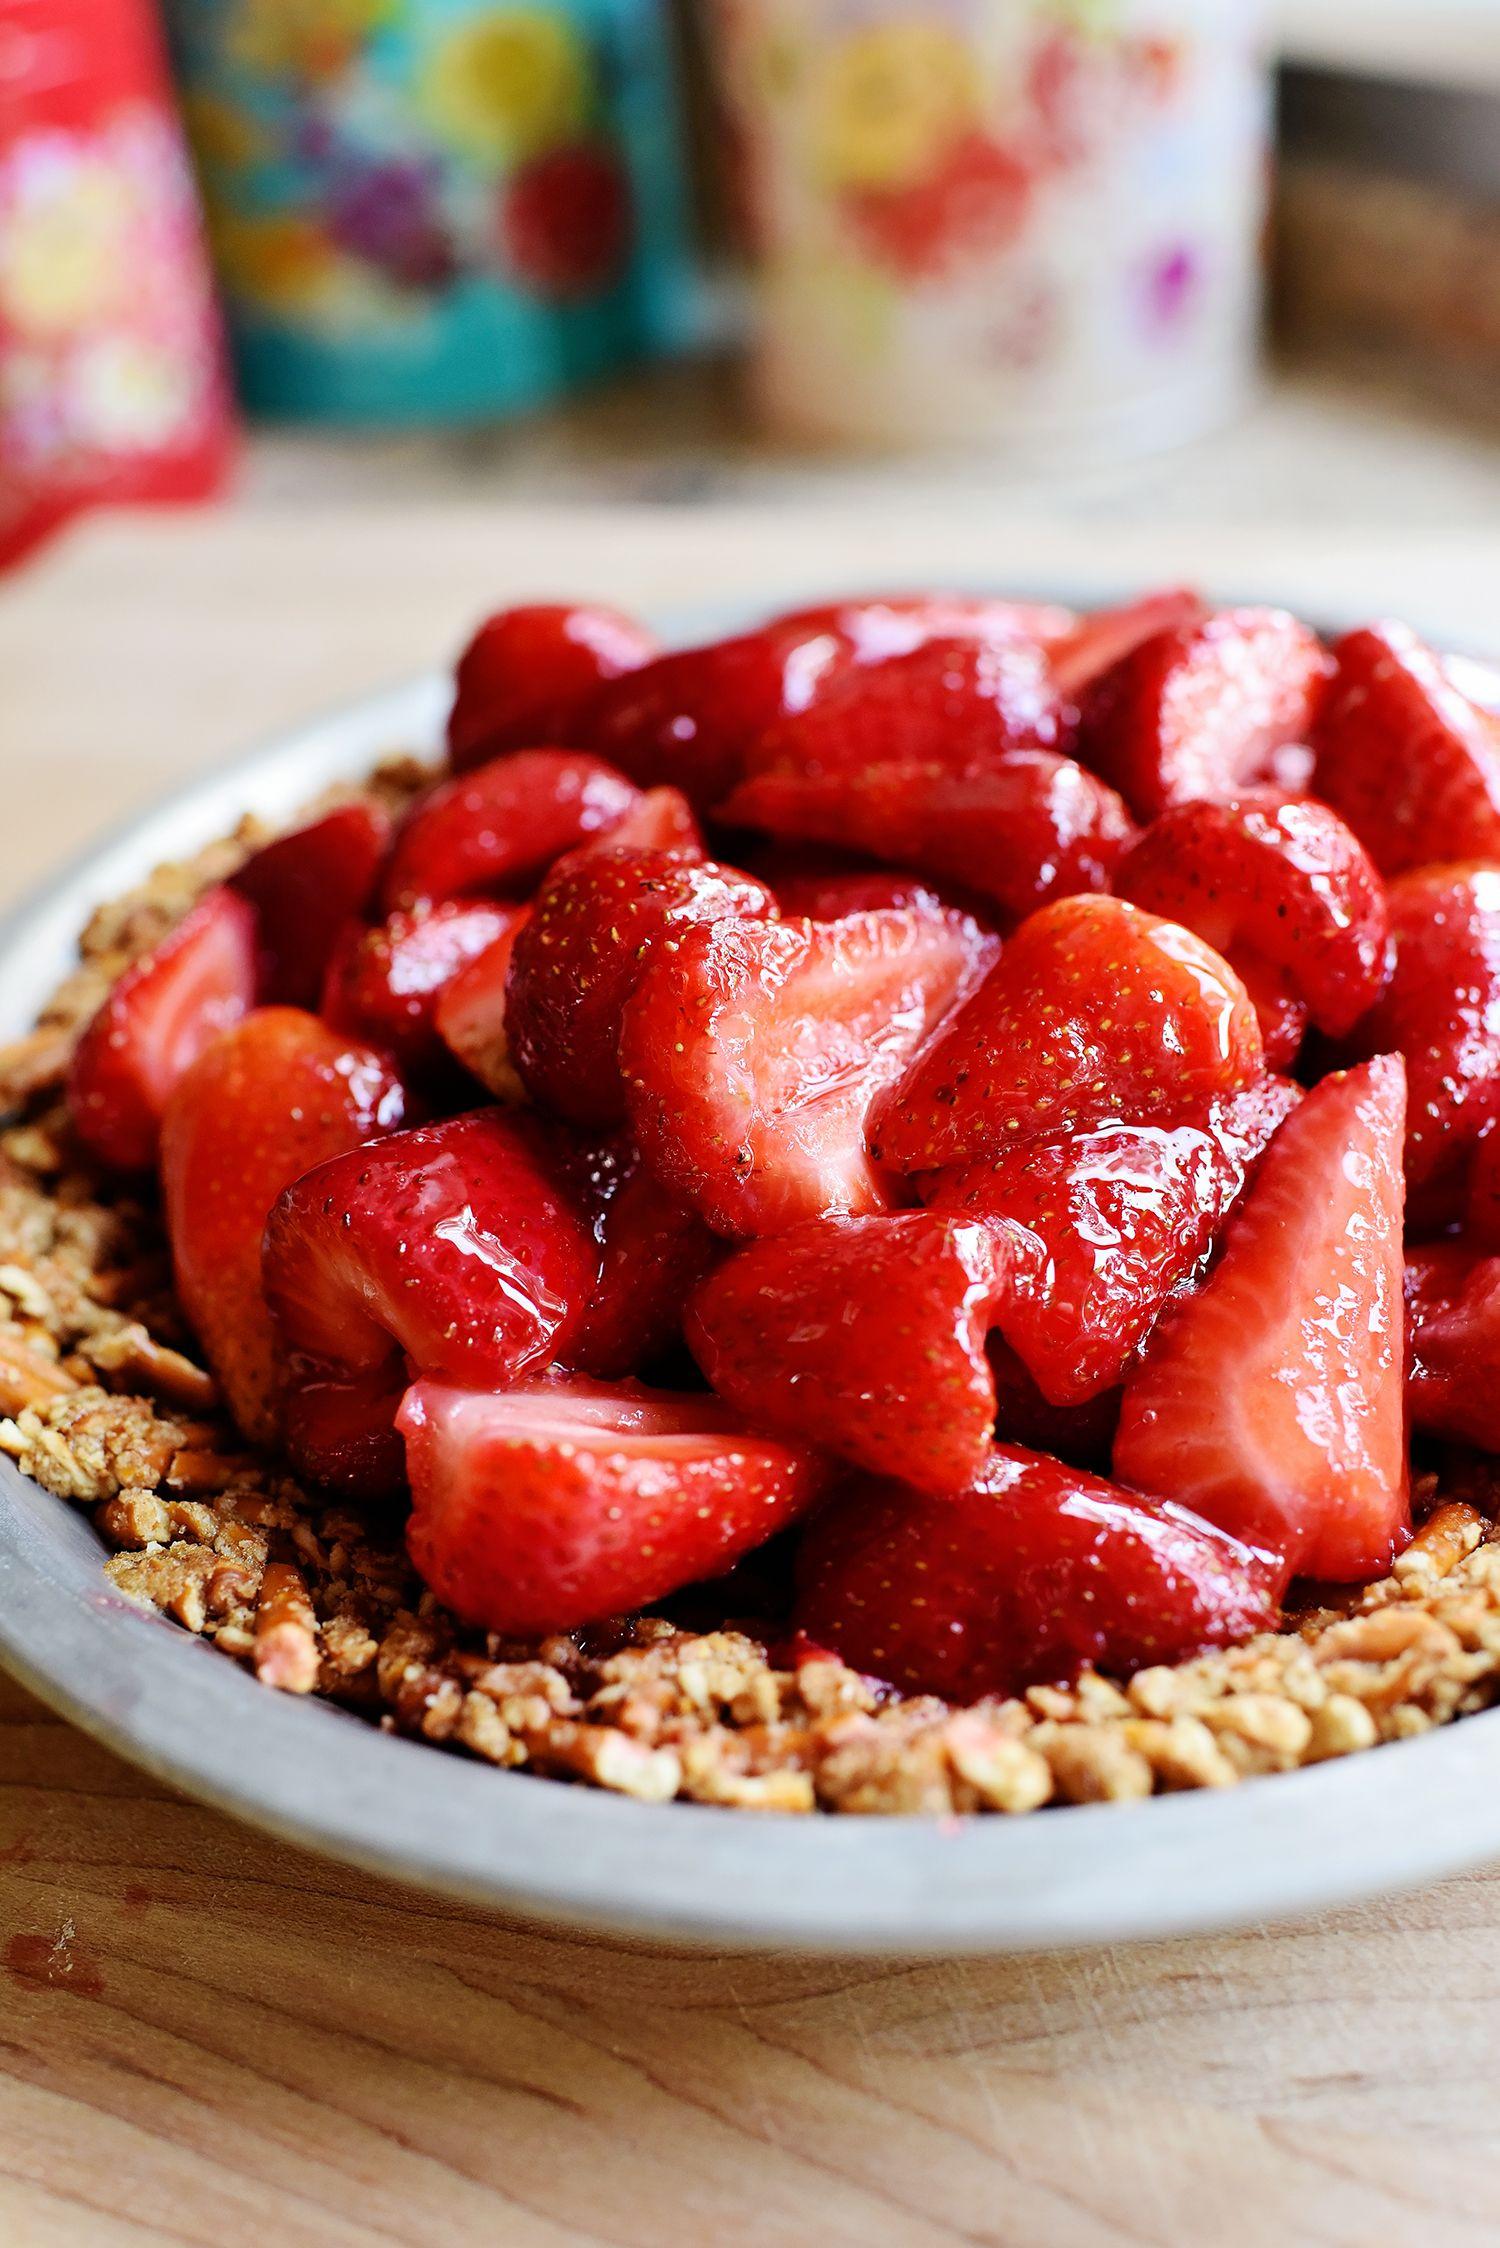 Strawberry Pretzel Dessert Without Jello  Best 25 Strawberry pretzel pie ideas on Pinterest